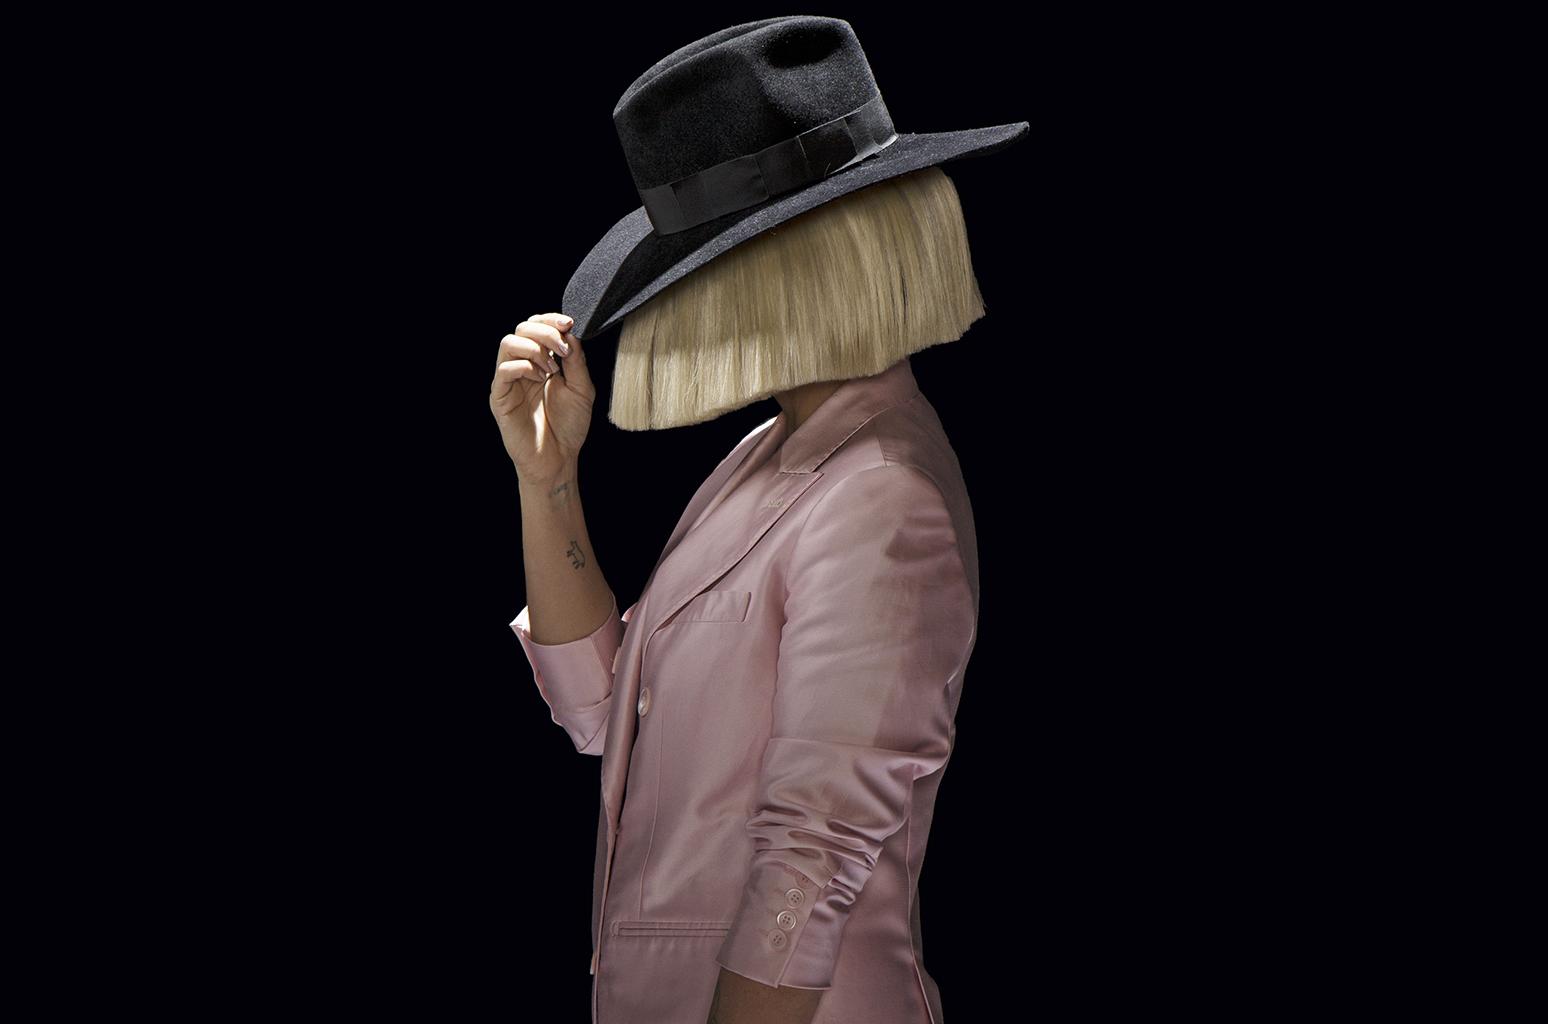 İzleyin: Sia Trans Hakları için Yüzünü Gösterdi!